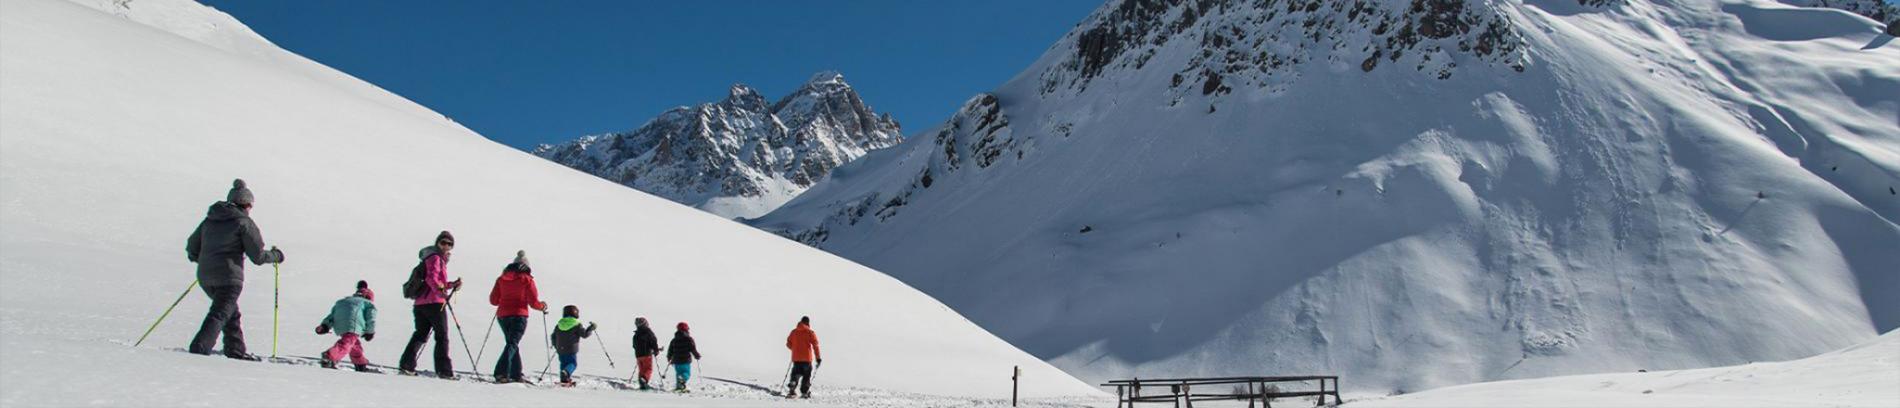 Slide ski de randonnée